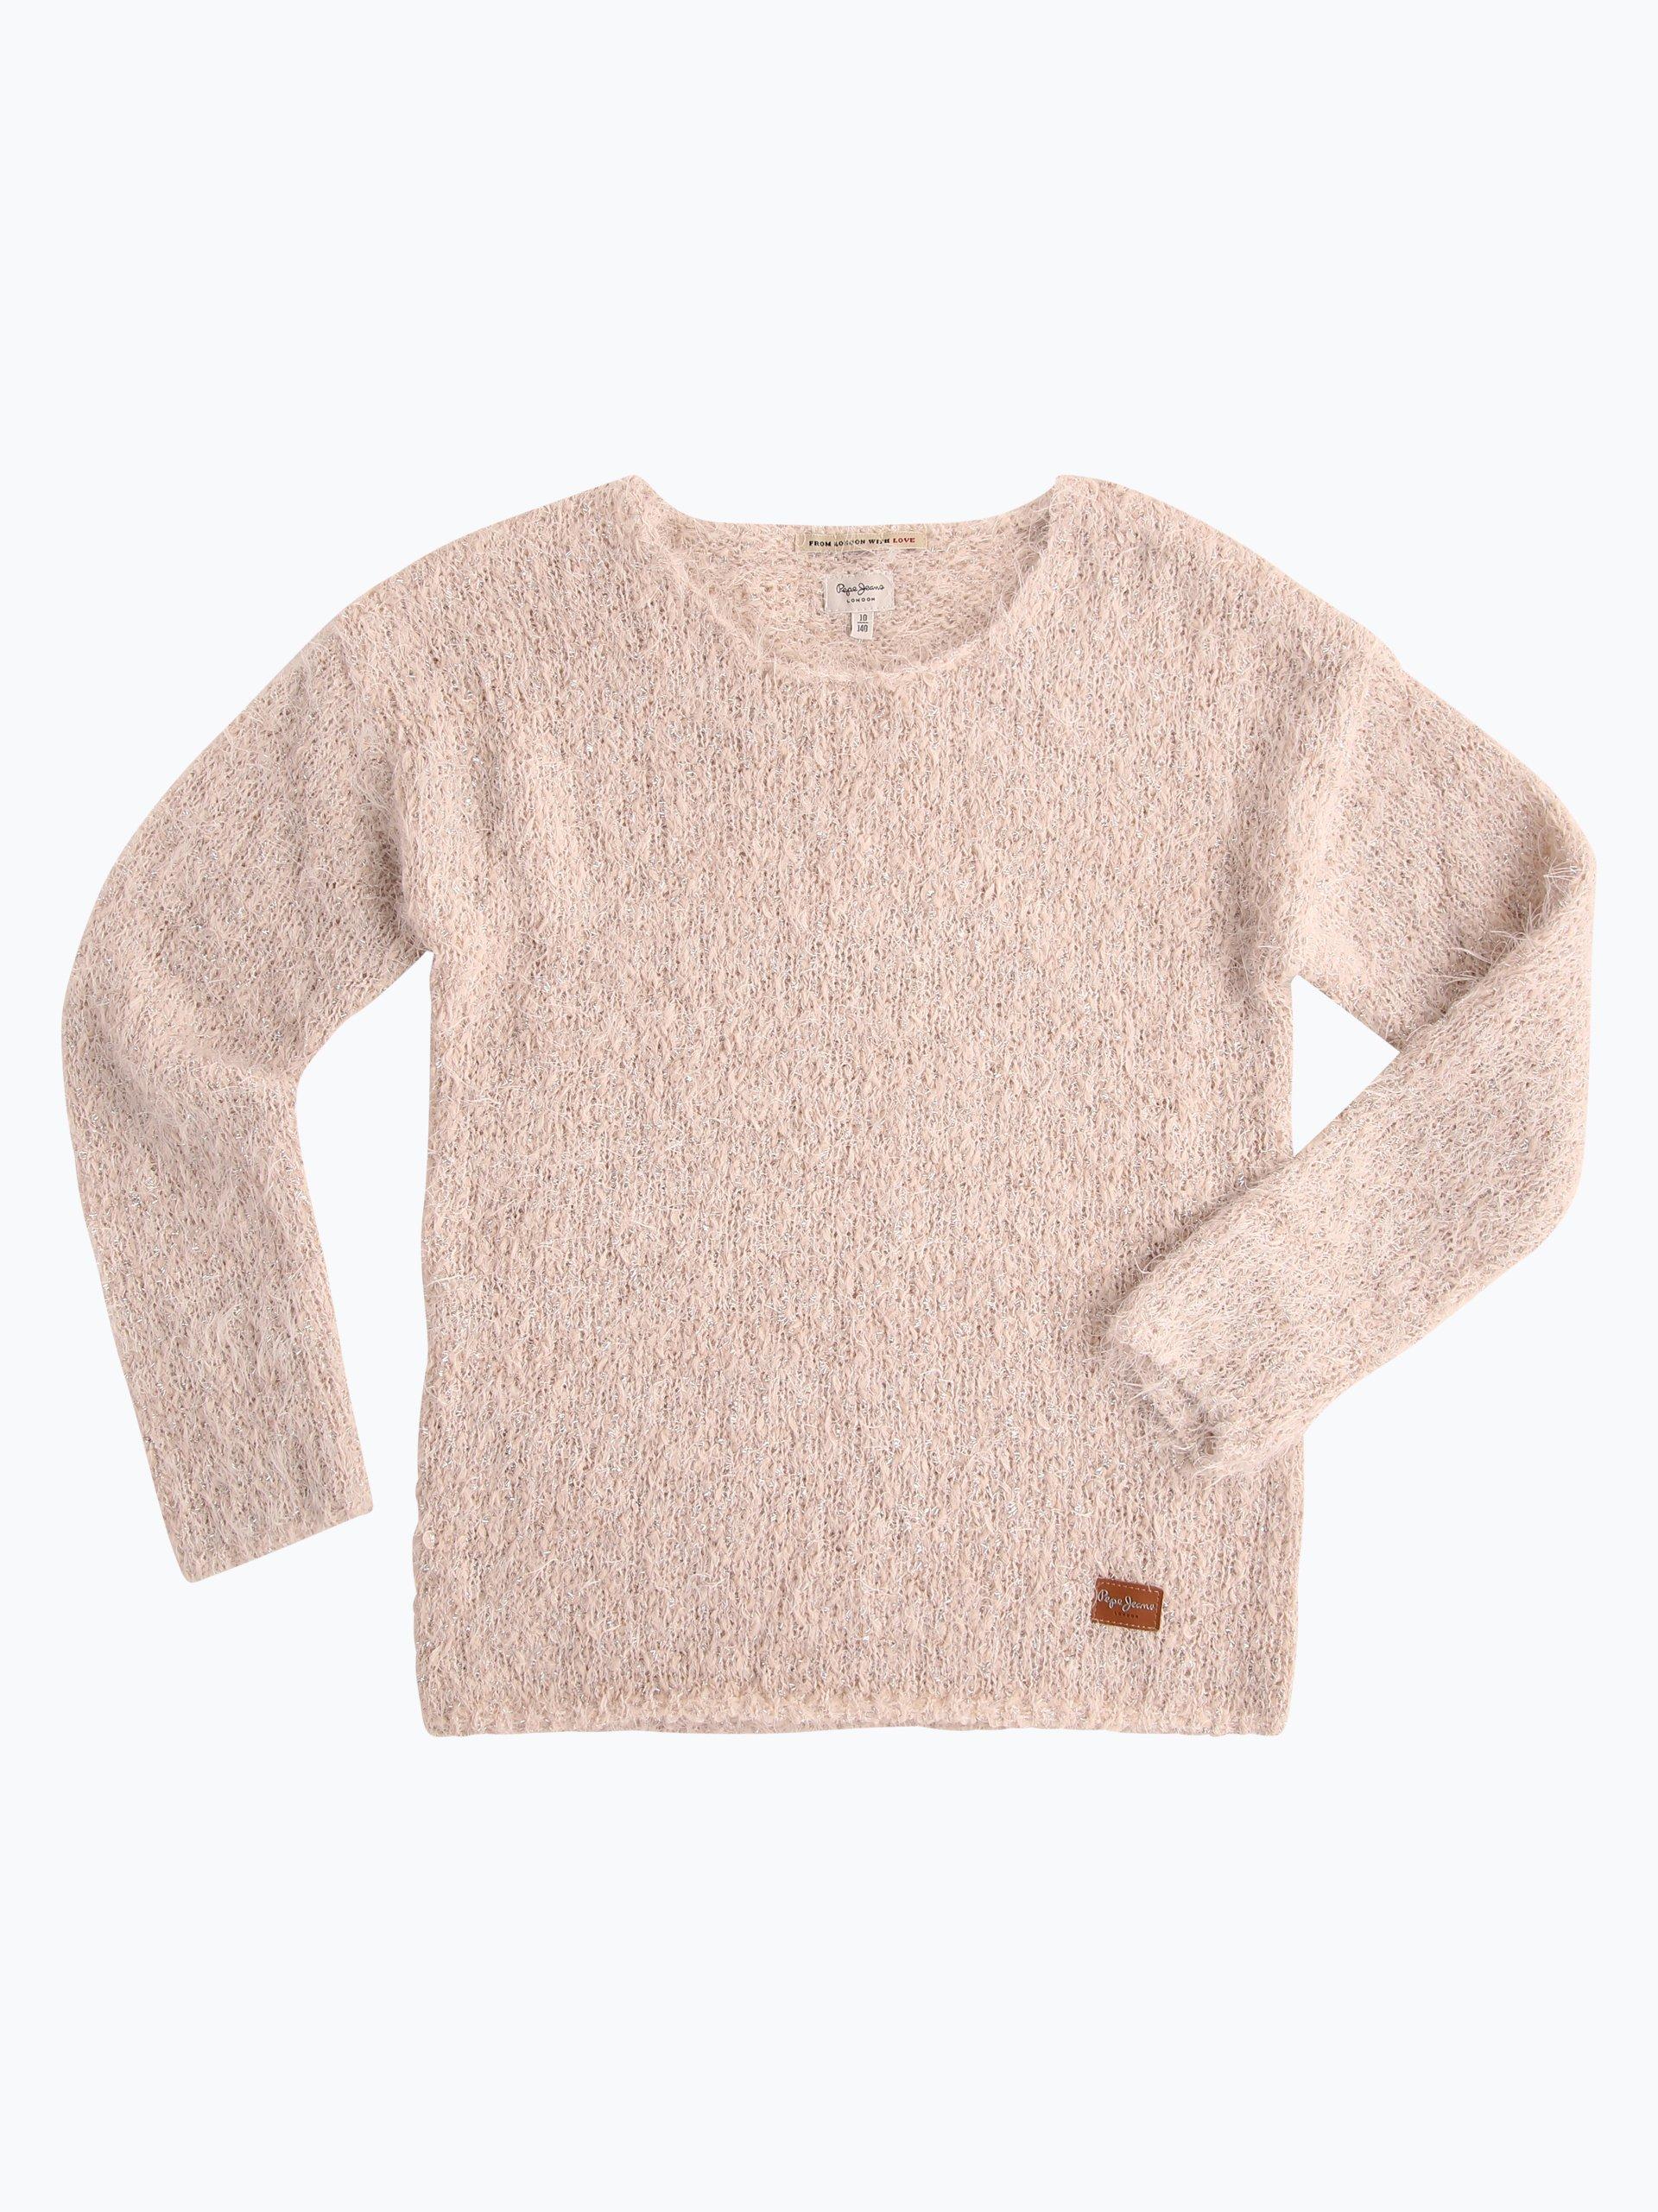 new product 53c8b ddc6b Pepe Jeans Mädchen Pullover online kaufen | PEEK-UND ...